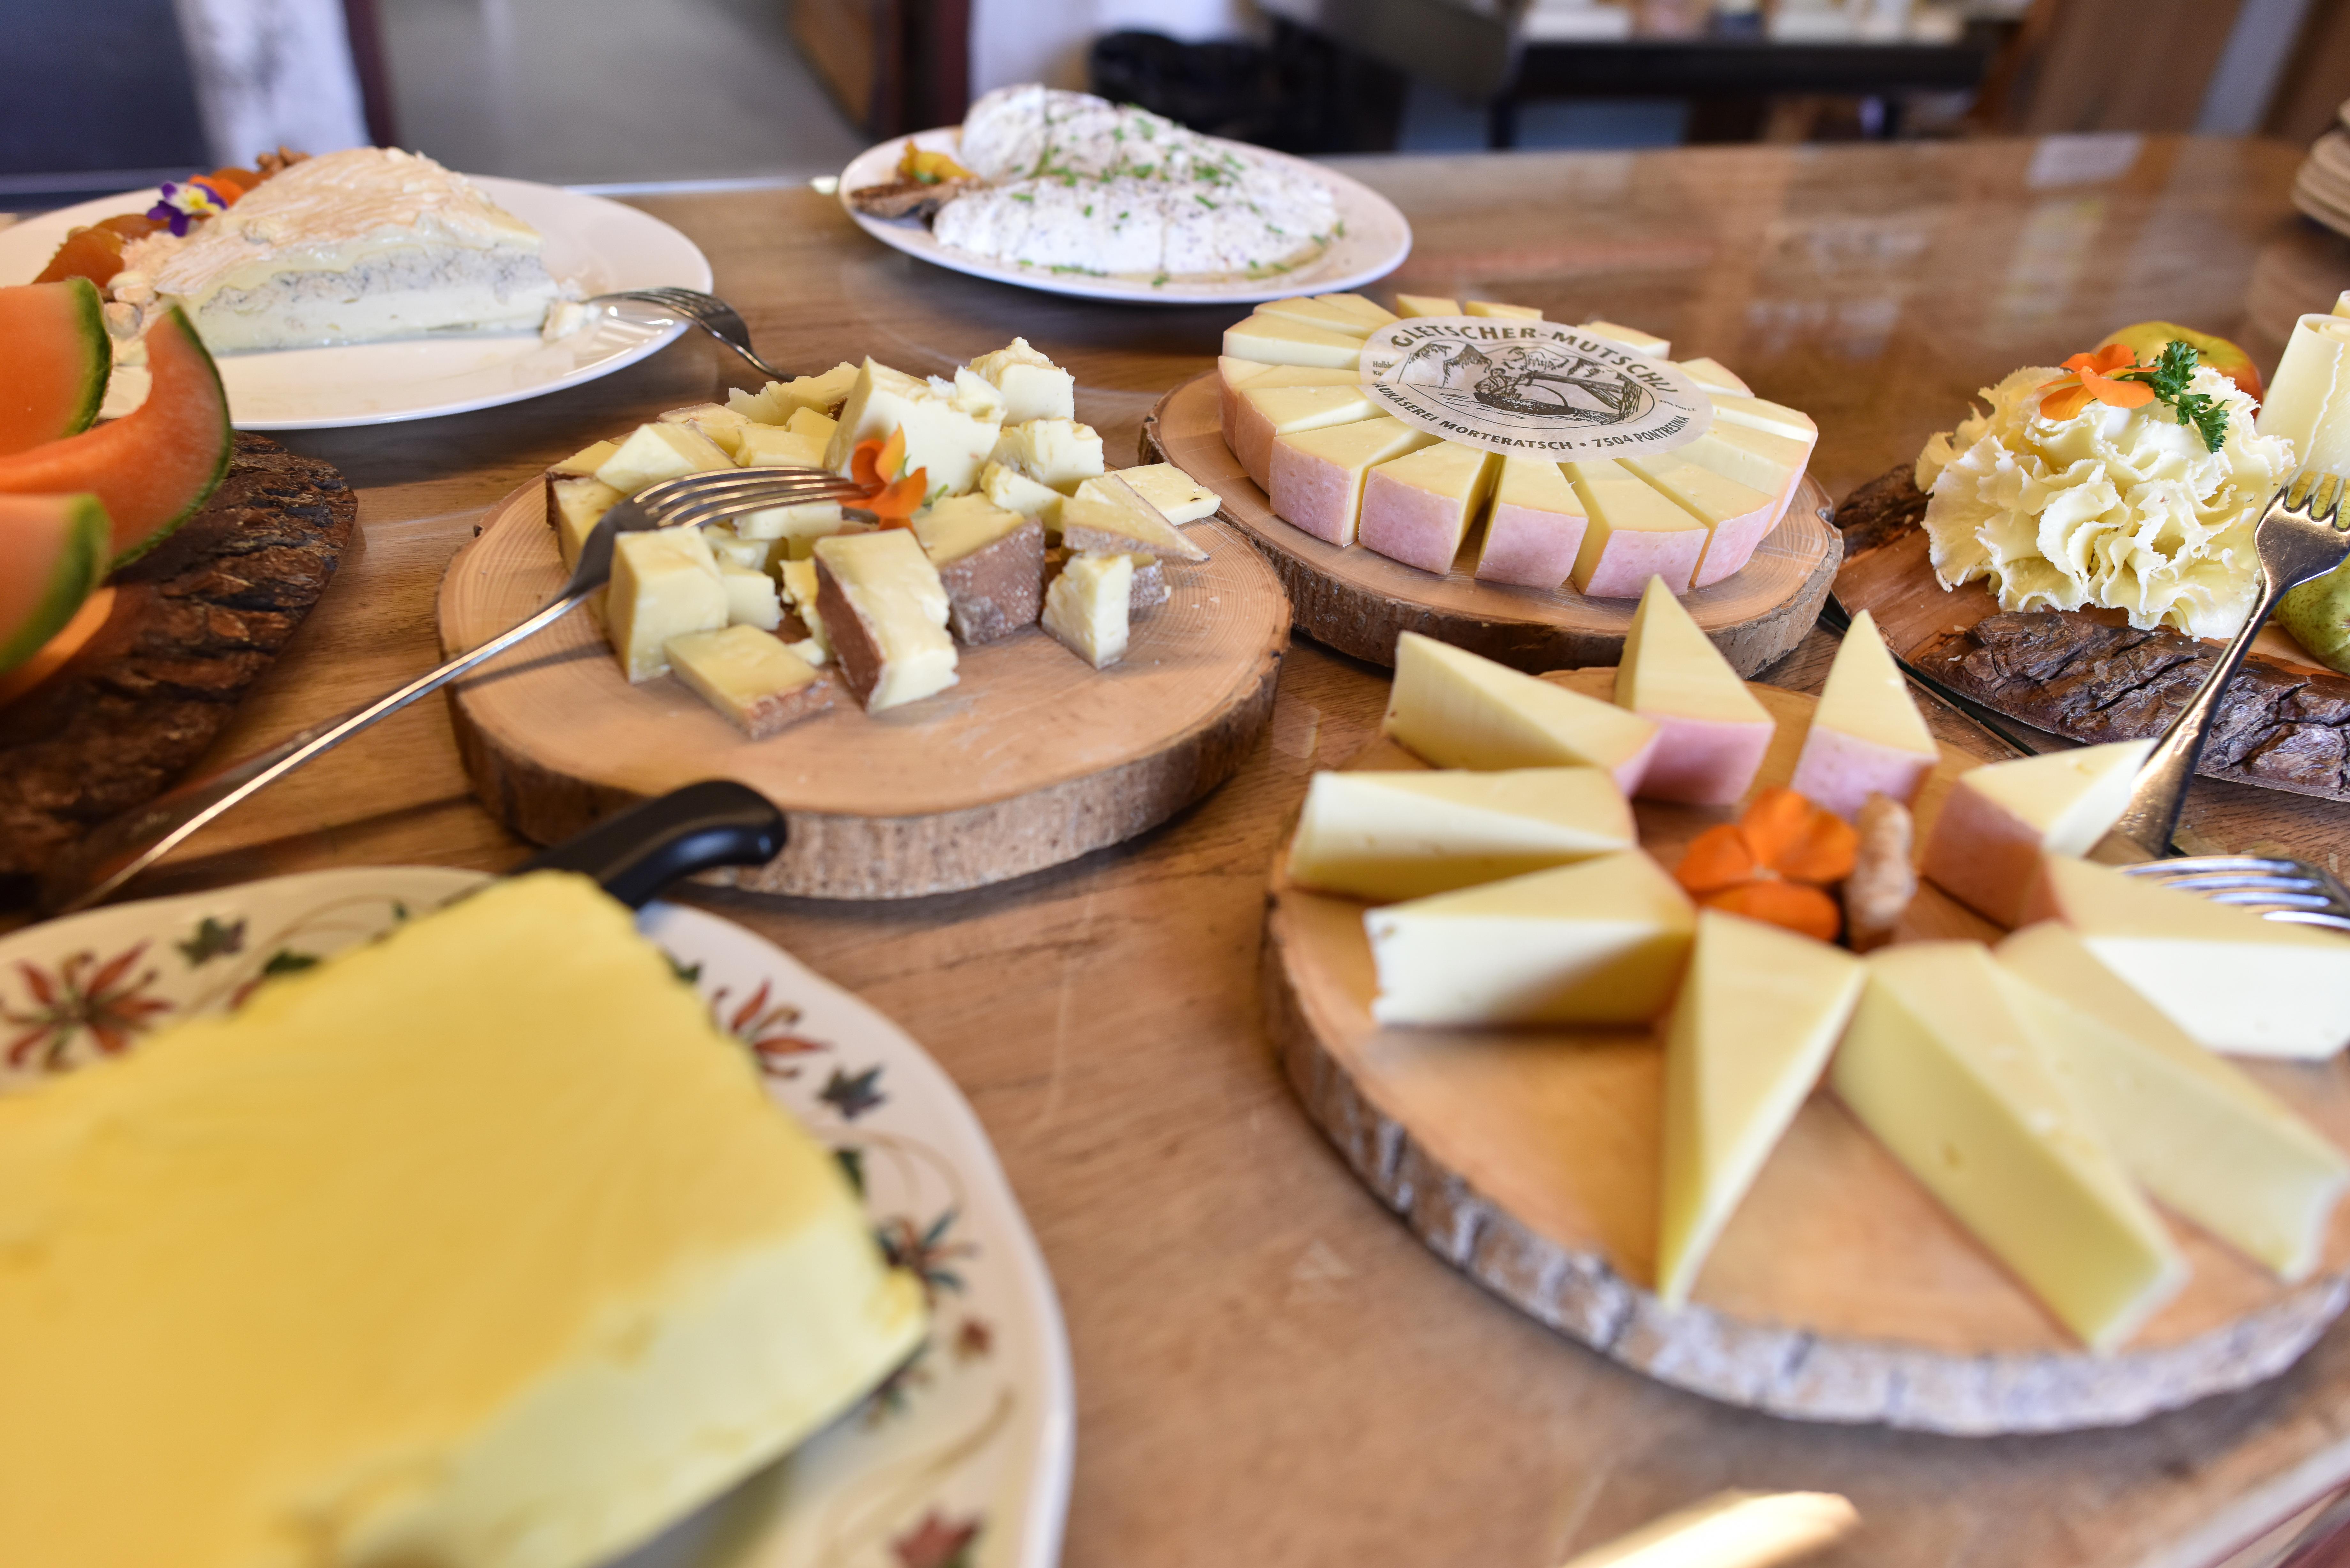 Alpine Cheese Dairy Morteratsch Slide 1